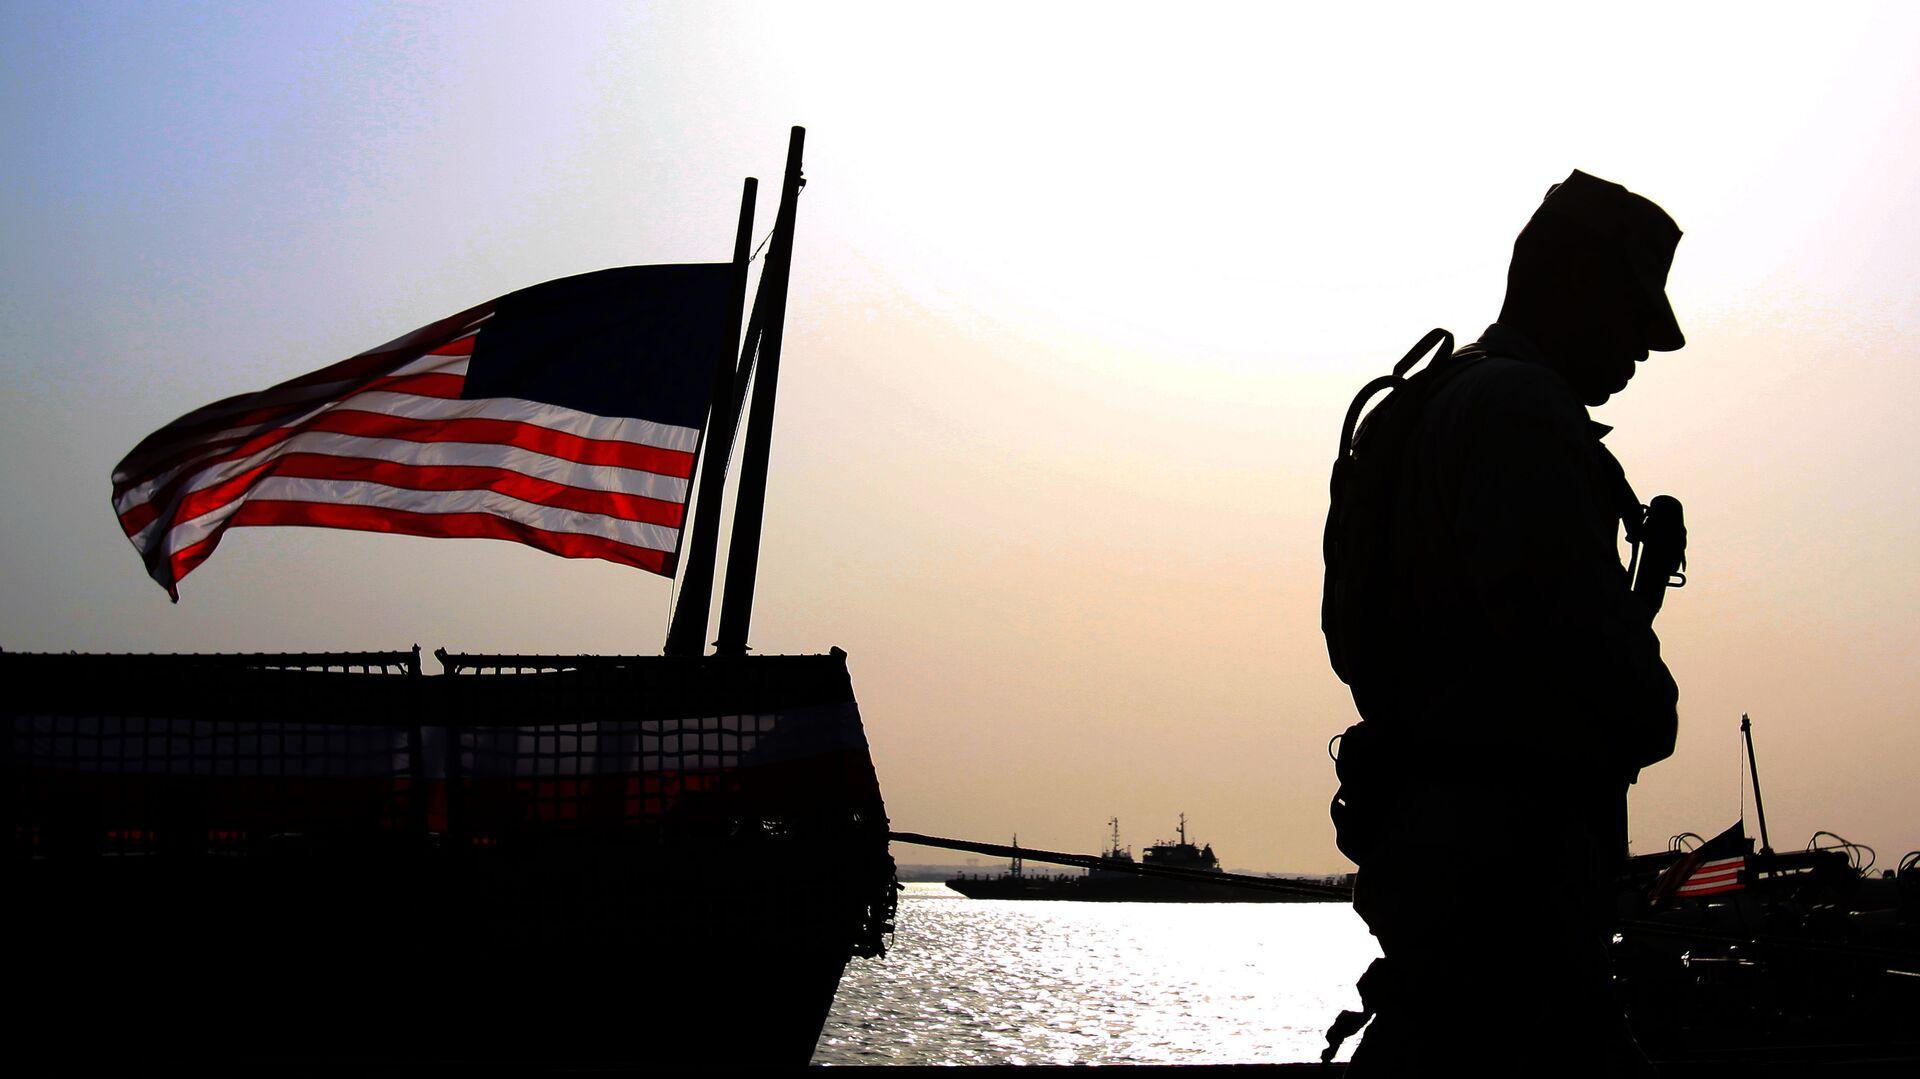 Un soldado de EEUU junto a la bandera estadounidense (archivo) - Sputnik Mundo, 1920, 02.02.2021